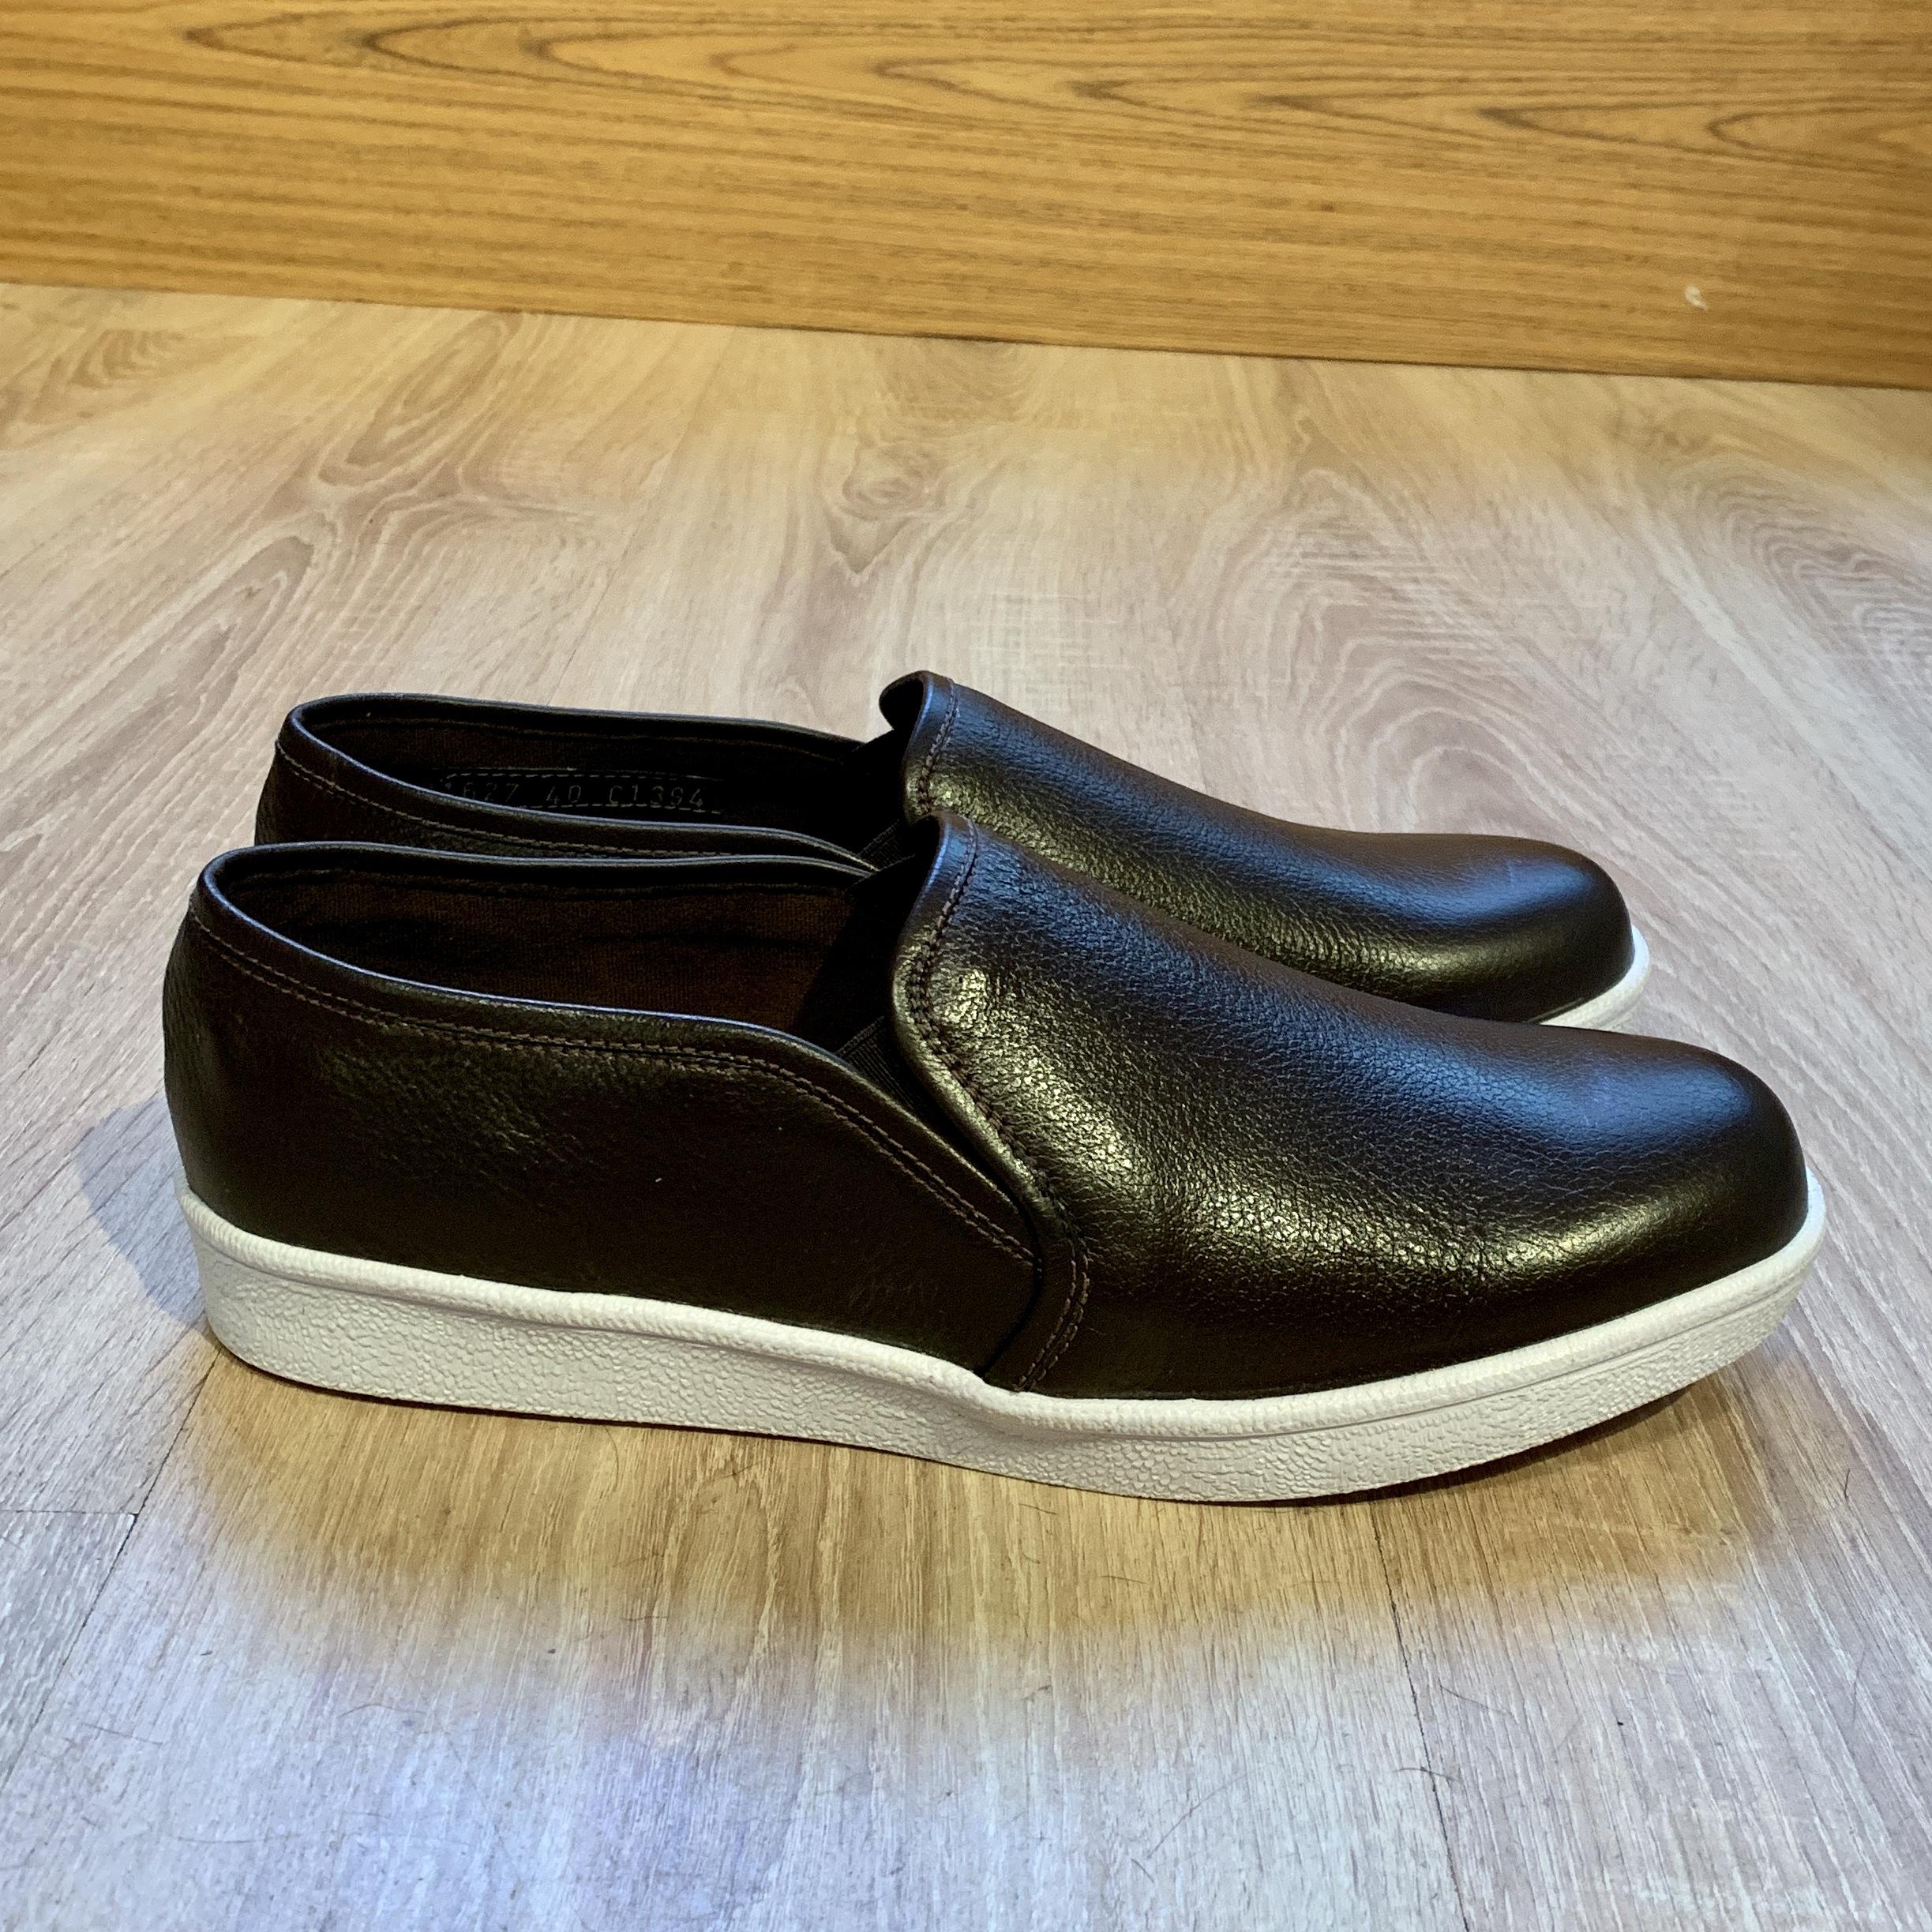 Calzado Antideslizante Cuero Negro